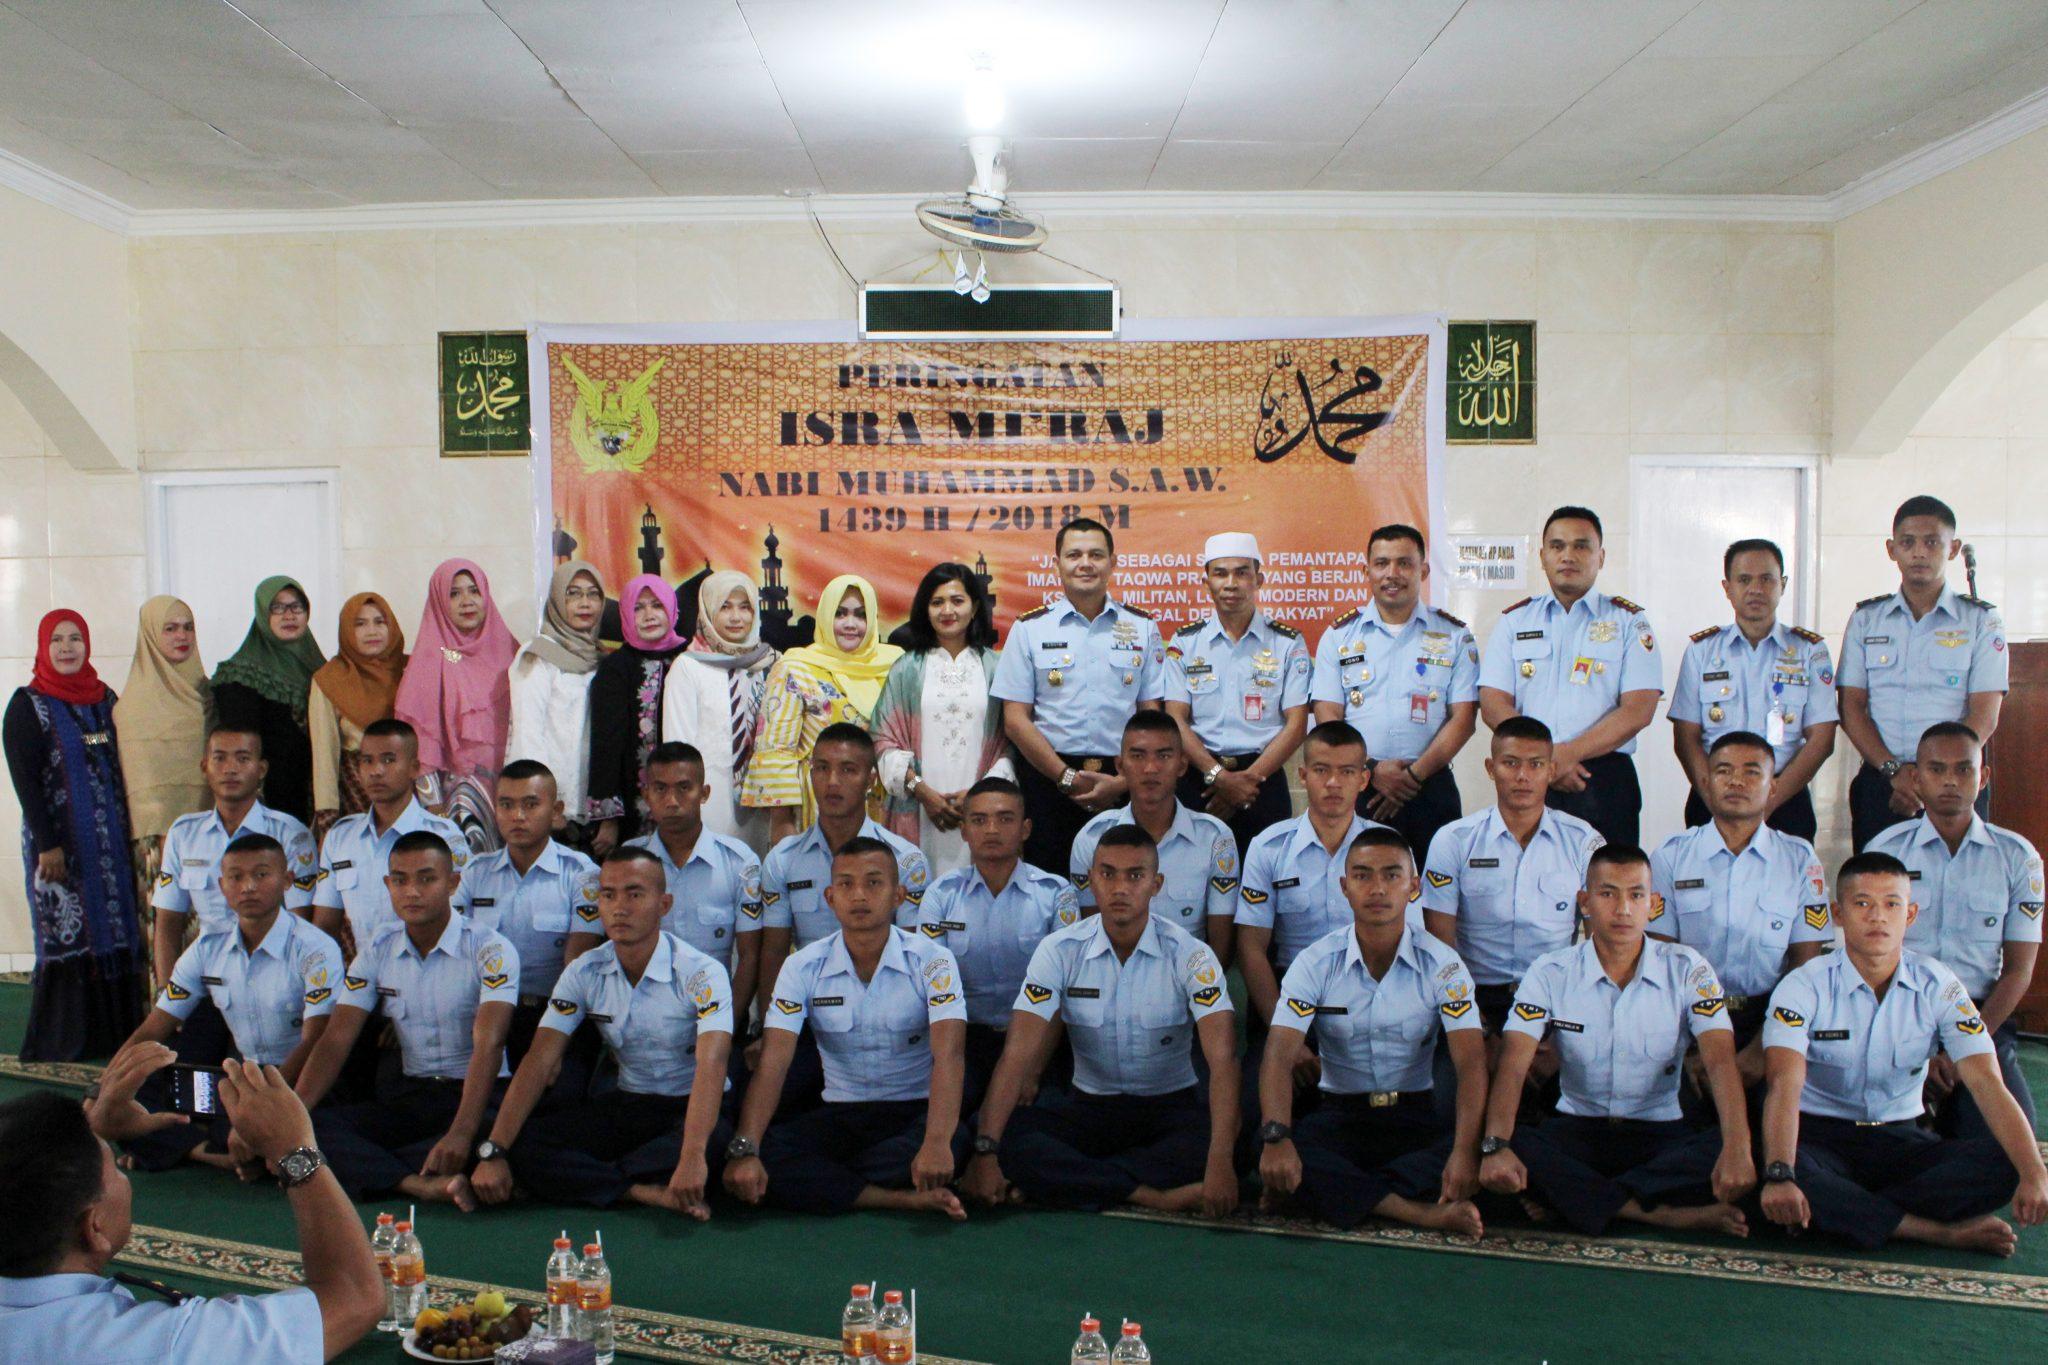 Personel Wingdiktekkal Peringati Isra' Mi'raj Nabi Muhammad SAW 1439 H/2018 M di Bandung